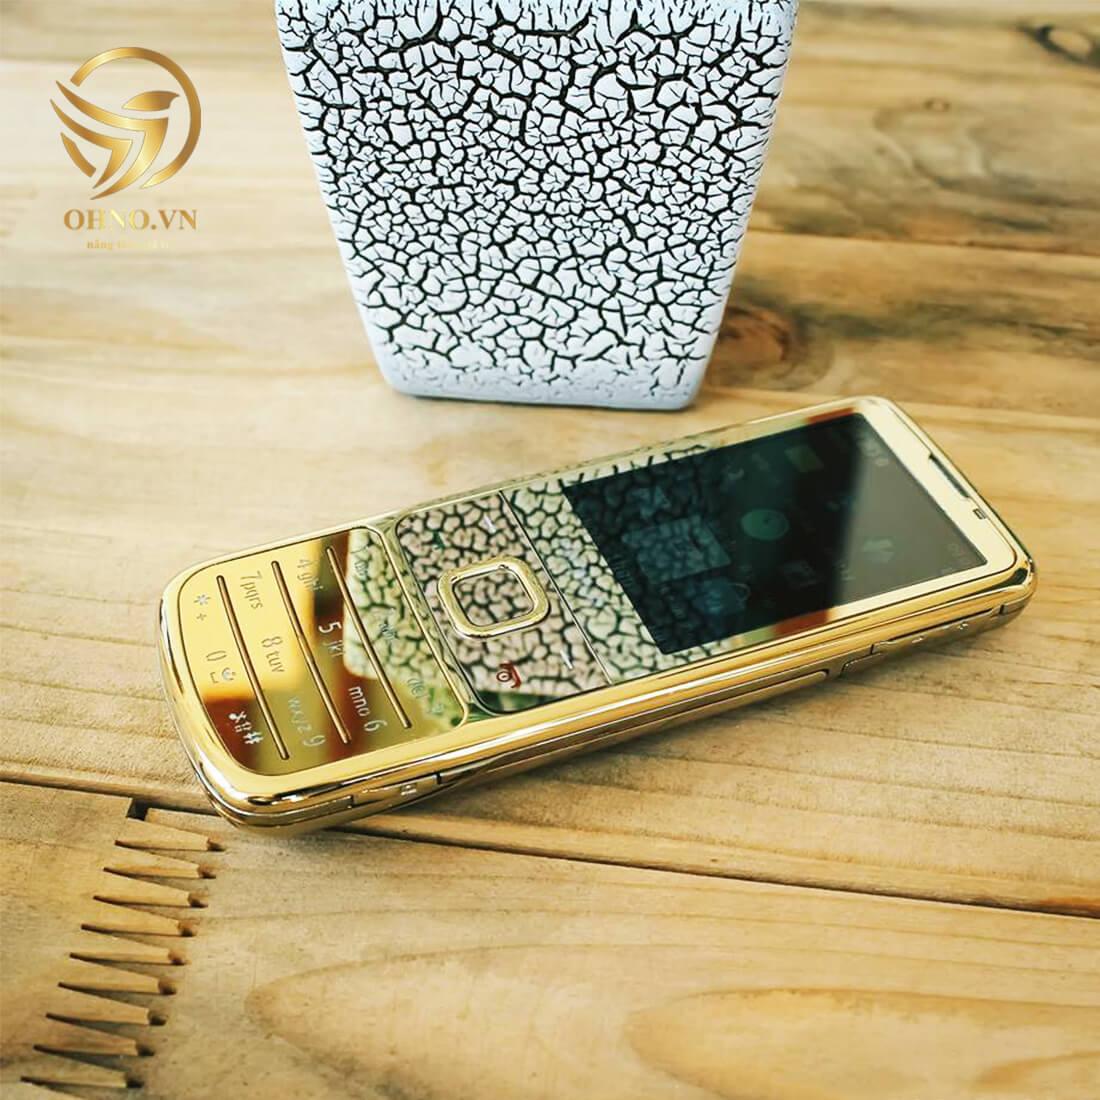 ĐT Điện Thoại Nokia 6700 Classic 6700c Gold Cũ Zin Chính Hãng